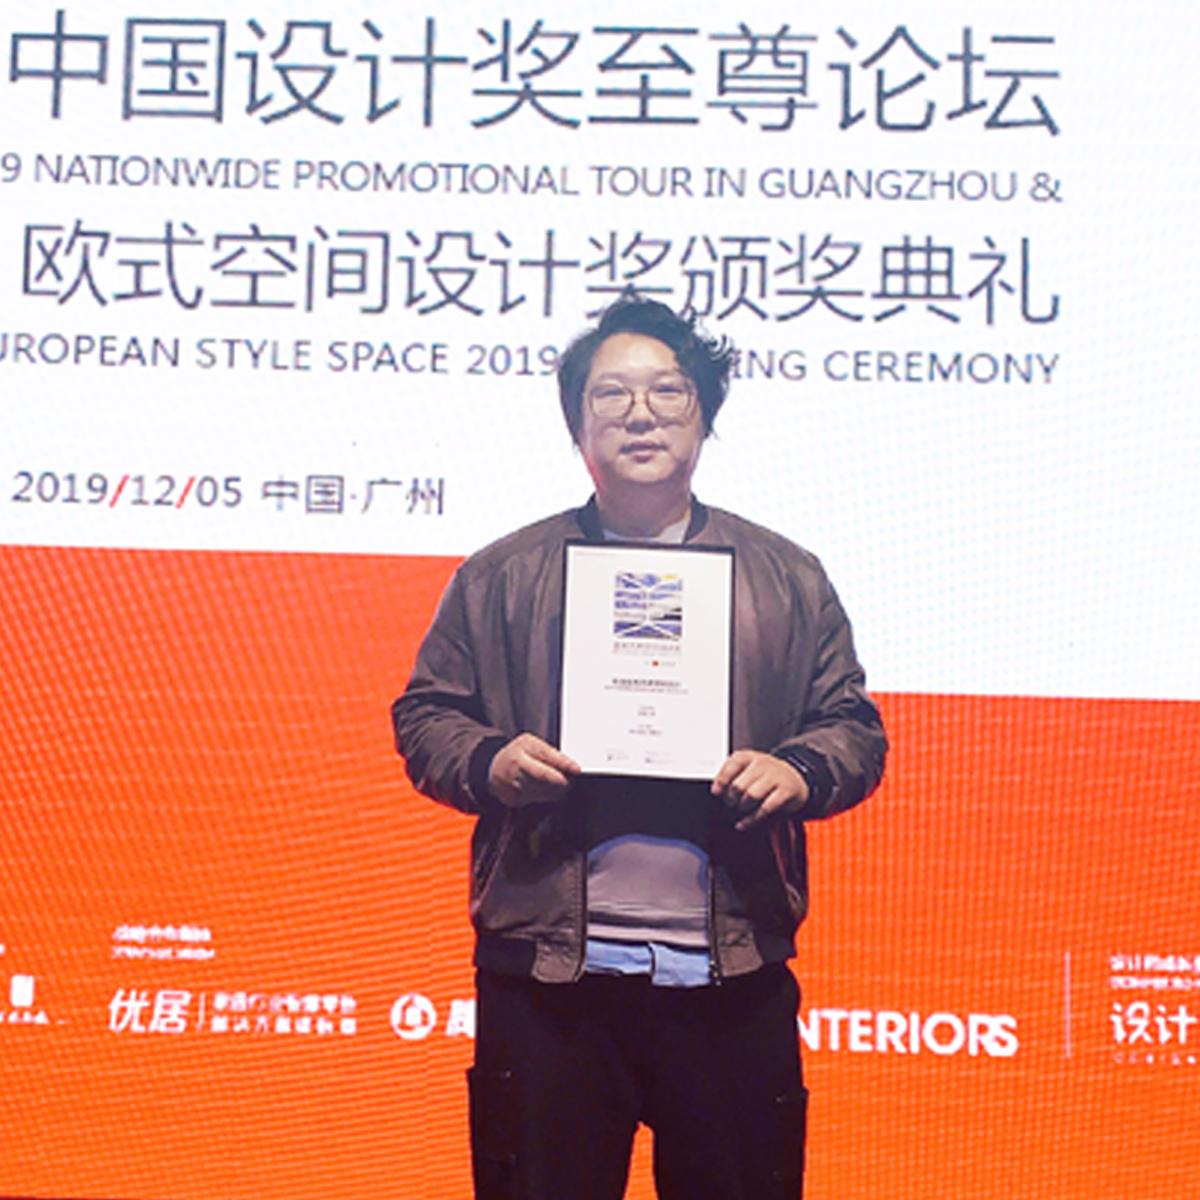 獲得紅棉中國設計獎最美藝術空間獎錦木堂公司